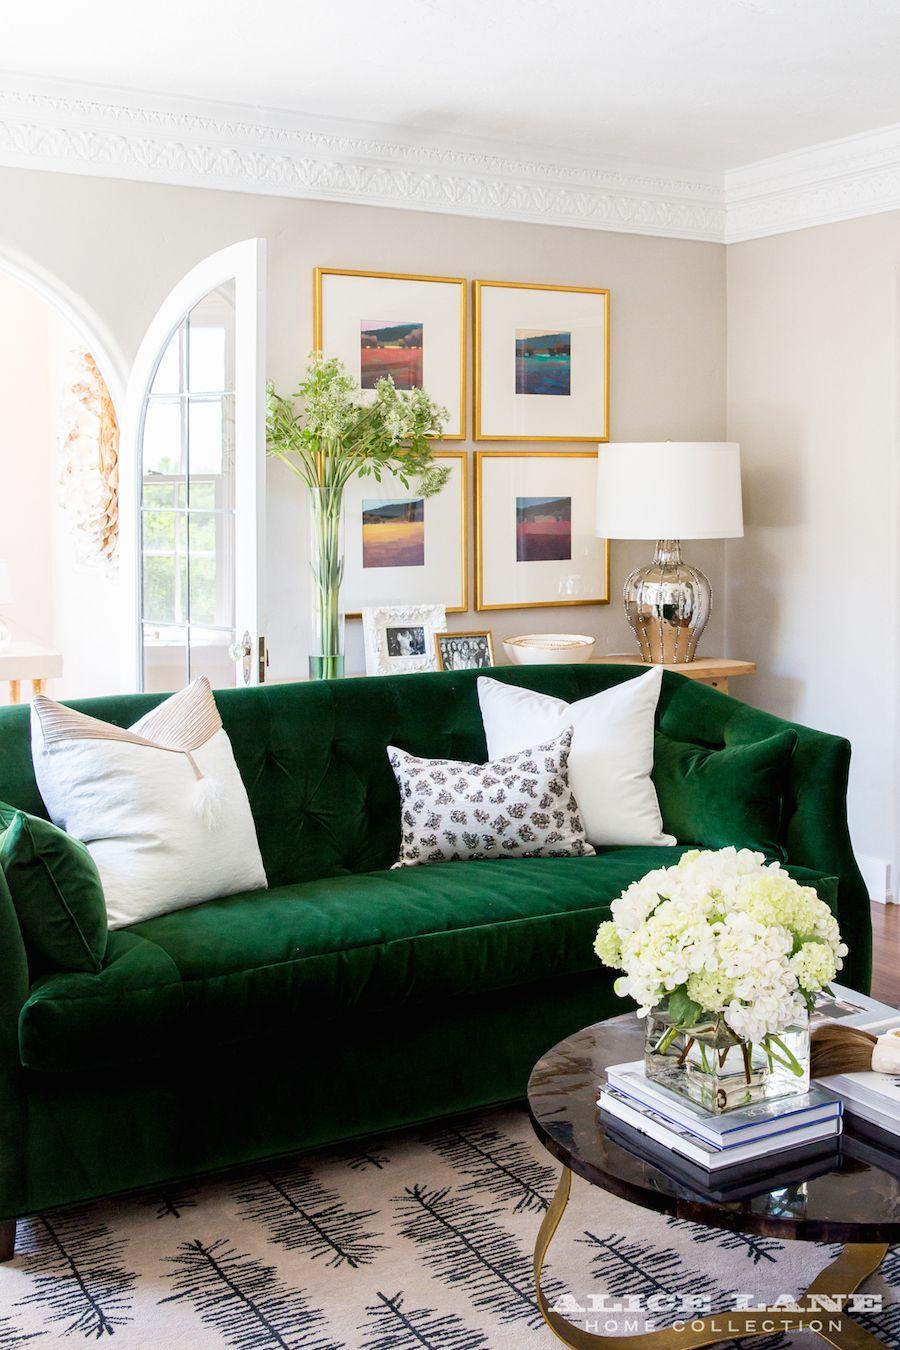 30 Lush Green Velvet Sofas In Cozy Living Rooms Green Sofa Living Room Green Couch Living Room Green Sofa Living